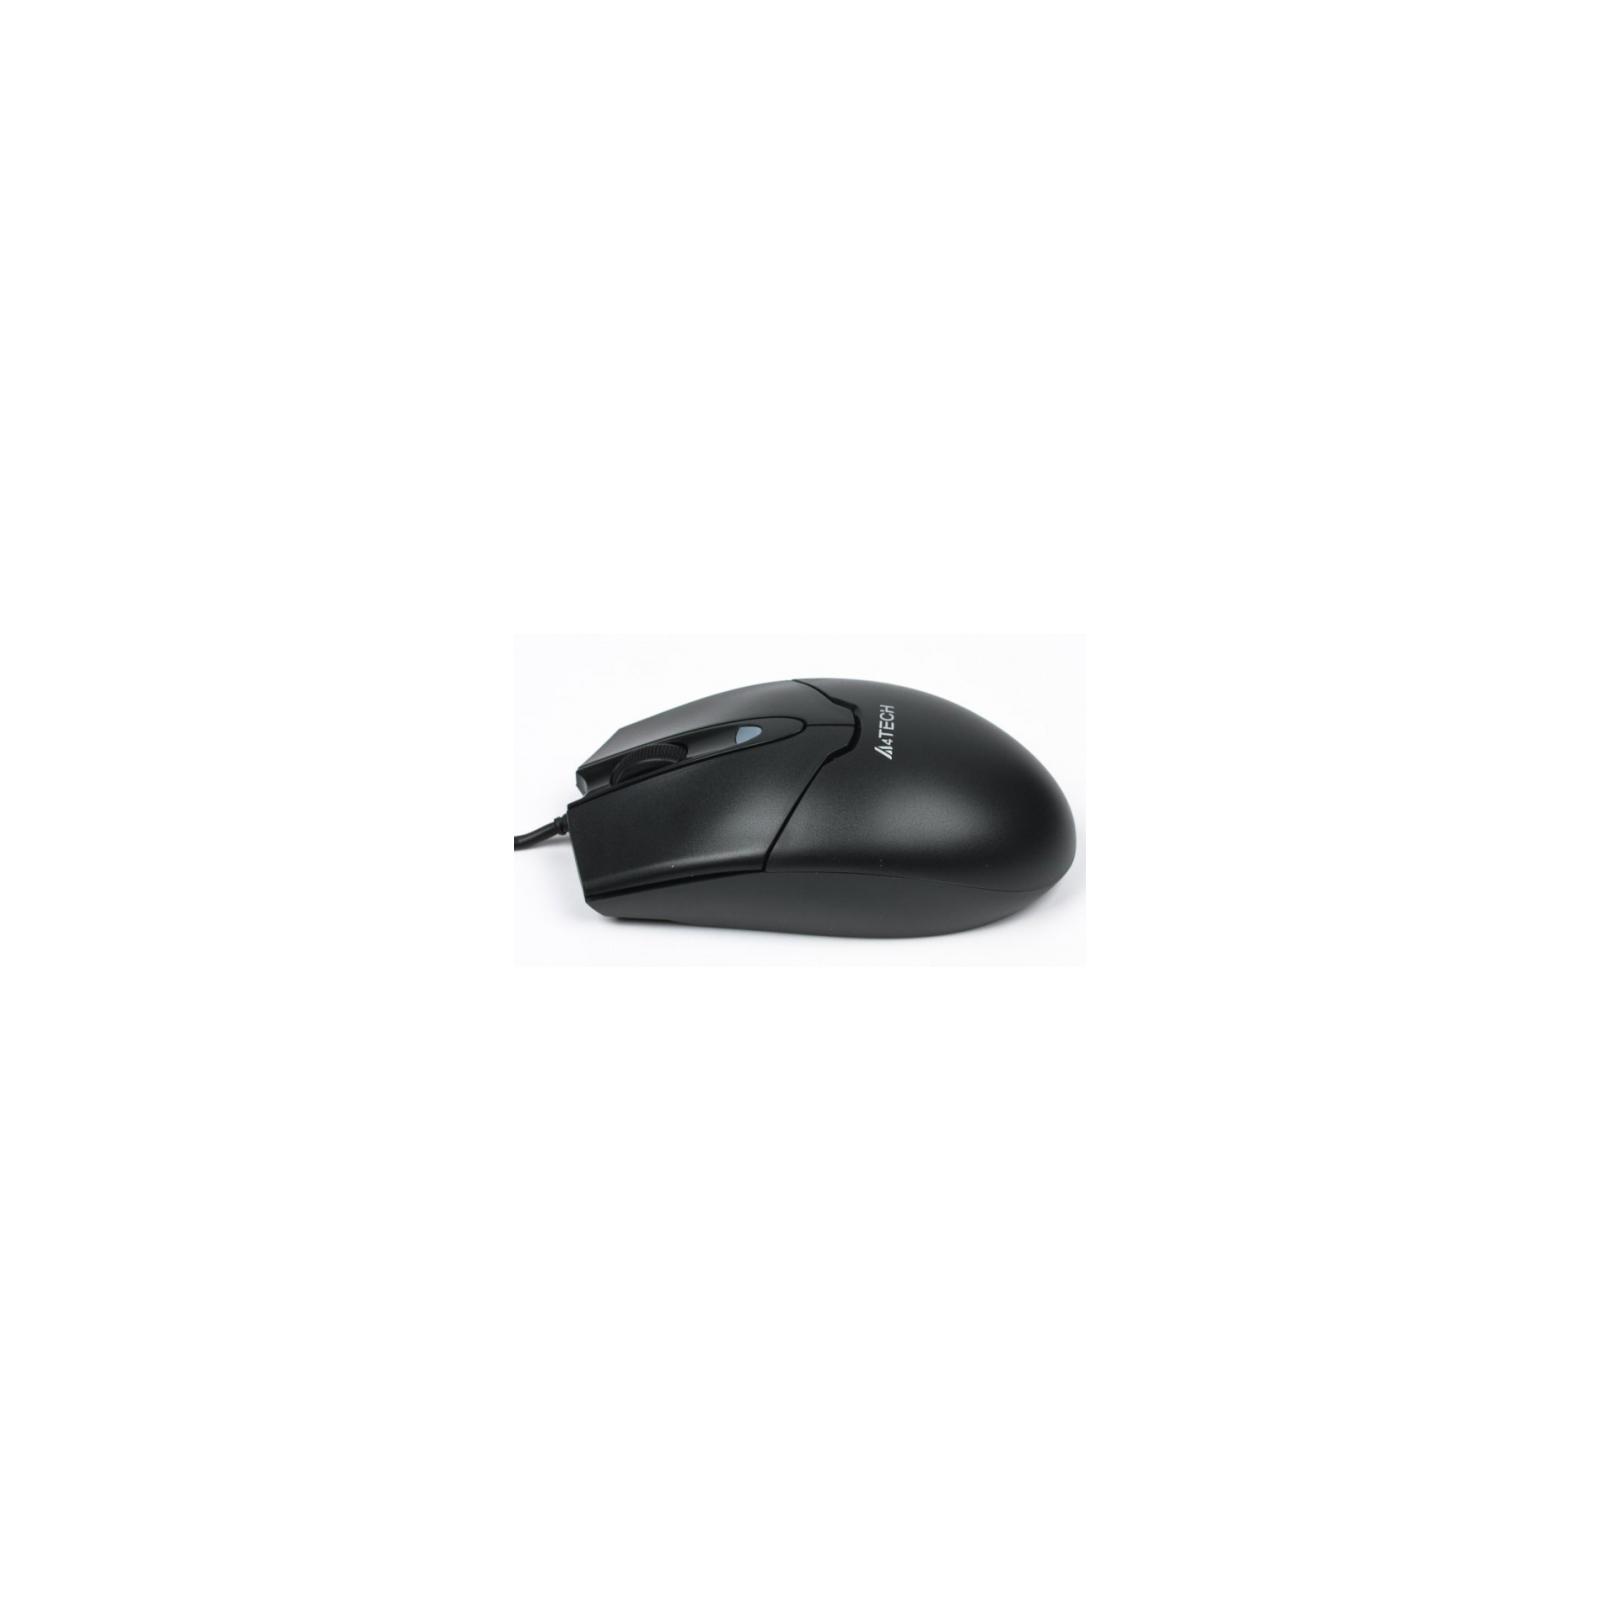 Мышка A4-tech N-302 изображение 2